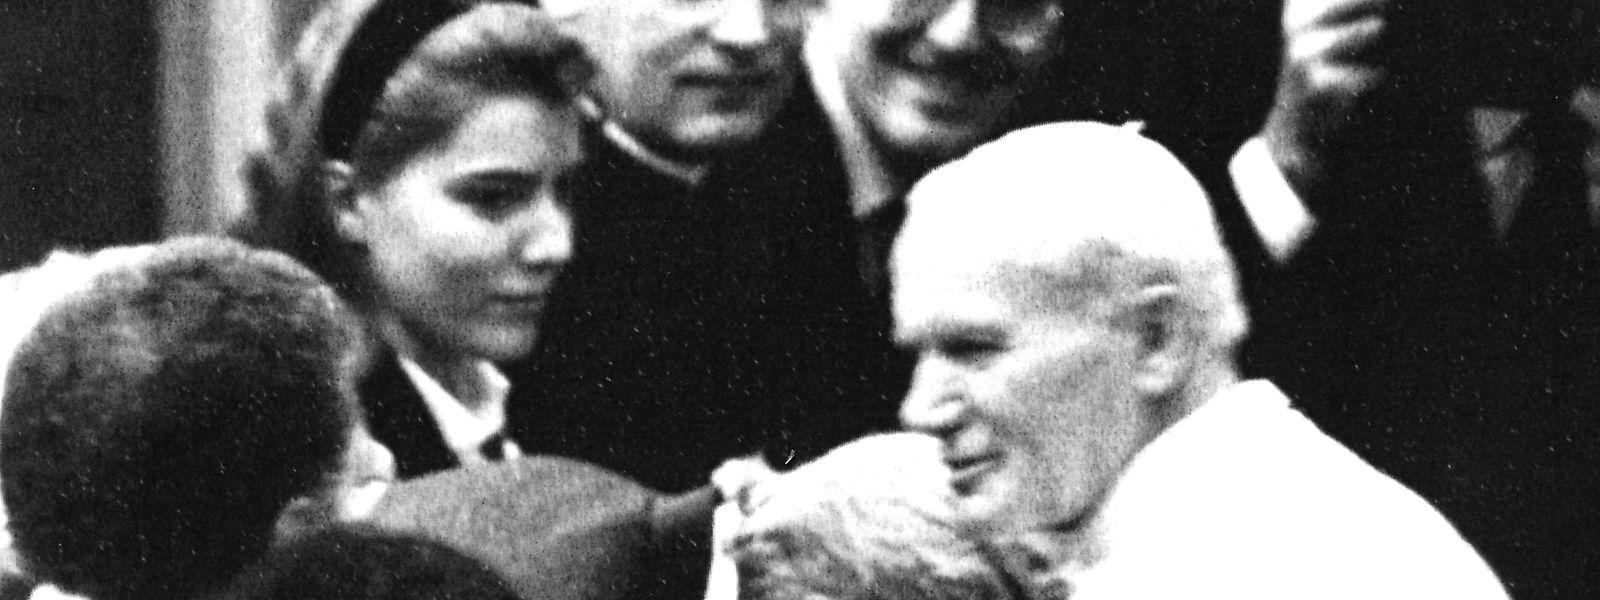 Papst Johannes Paul II. begeisterte die Menschenmassen.